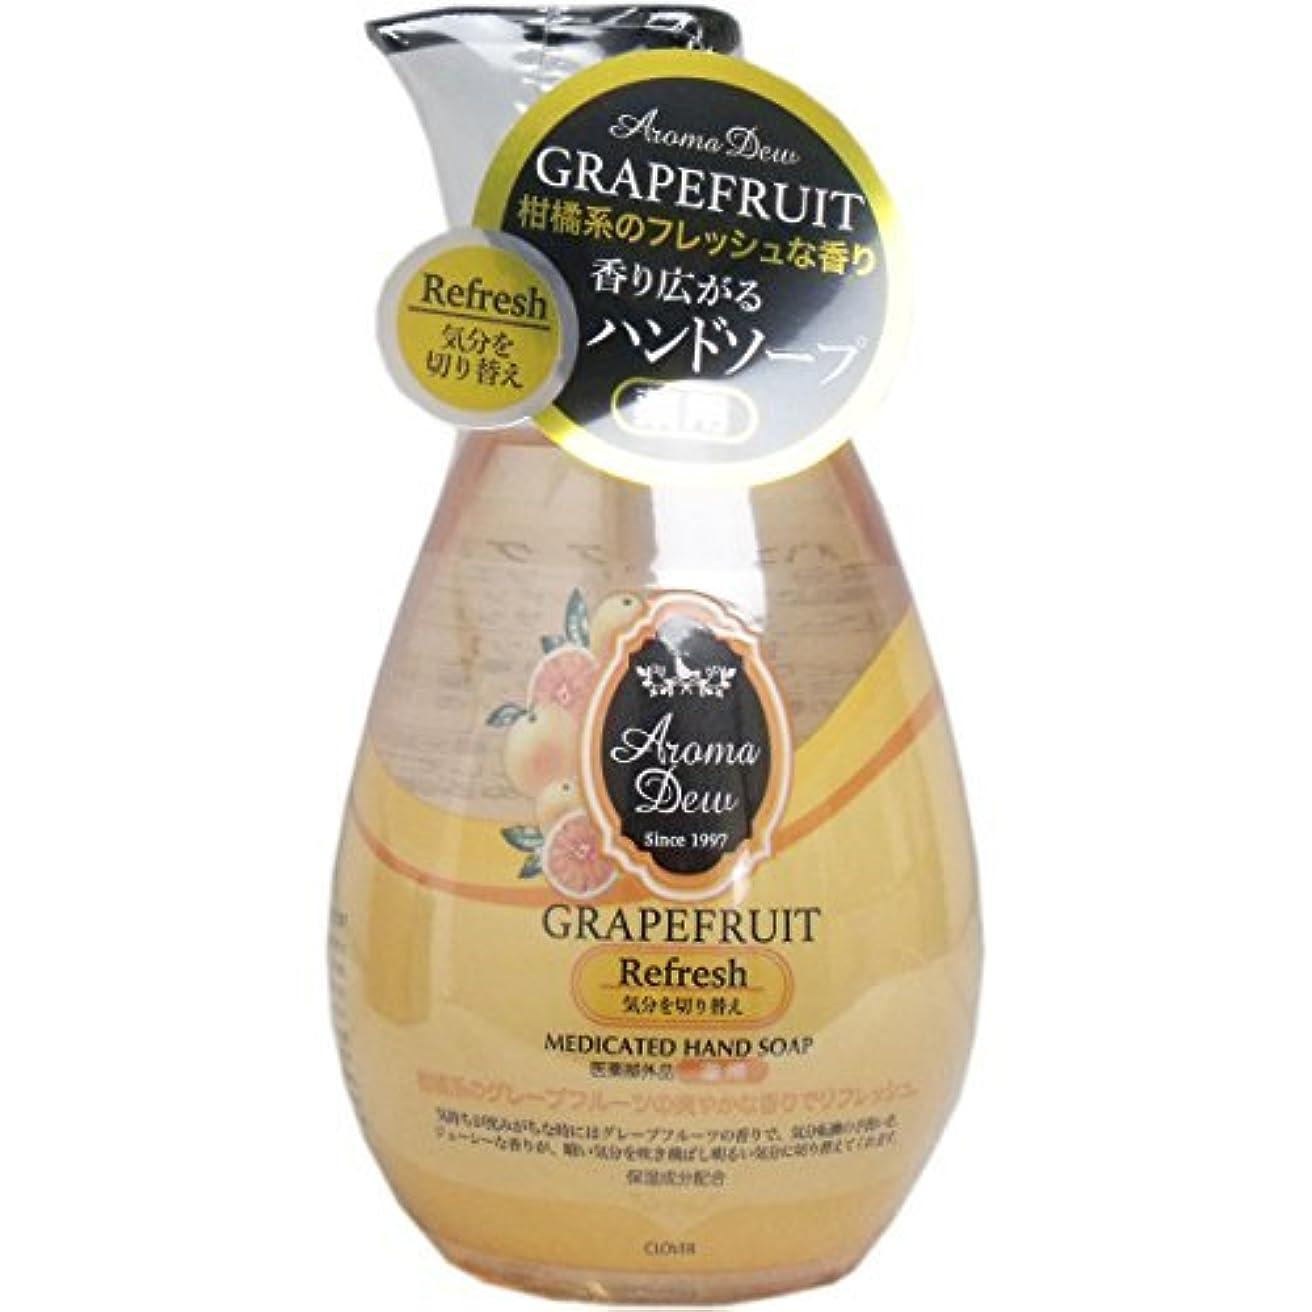 知覚するレベル魅了する薬用アロマデュウ ハンドソープ グレープフルーツの香り 260mL